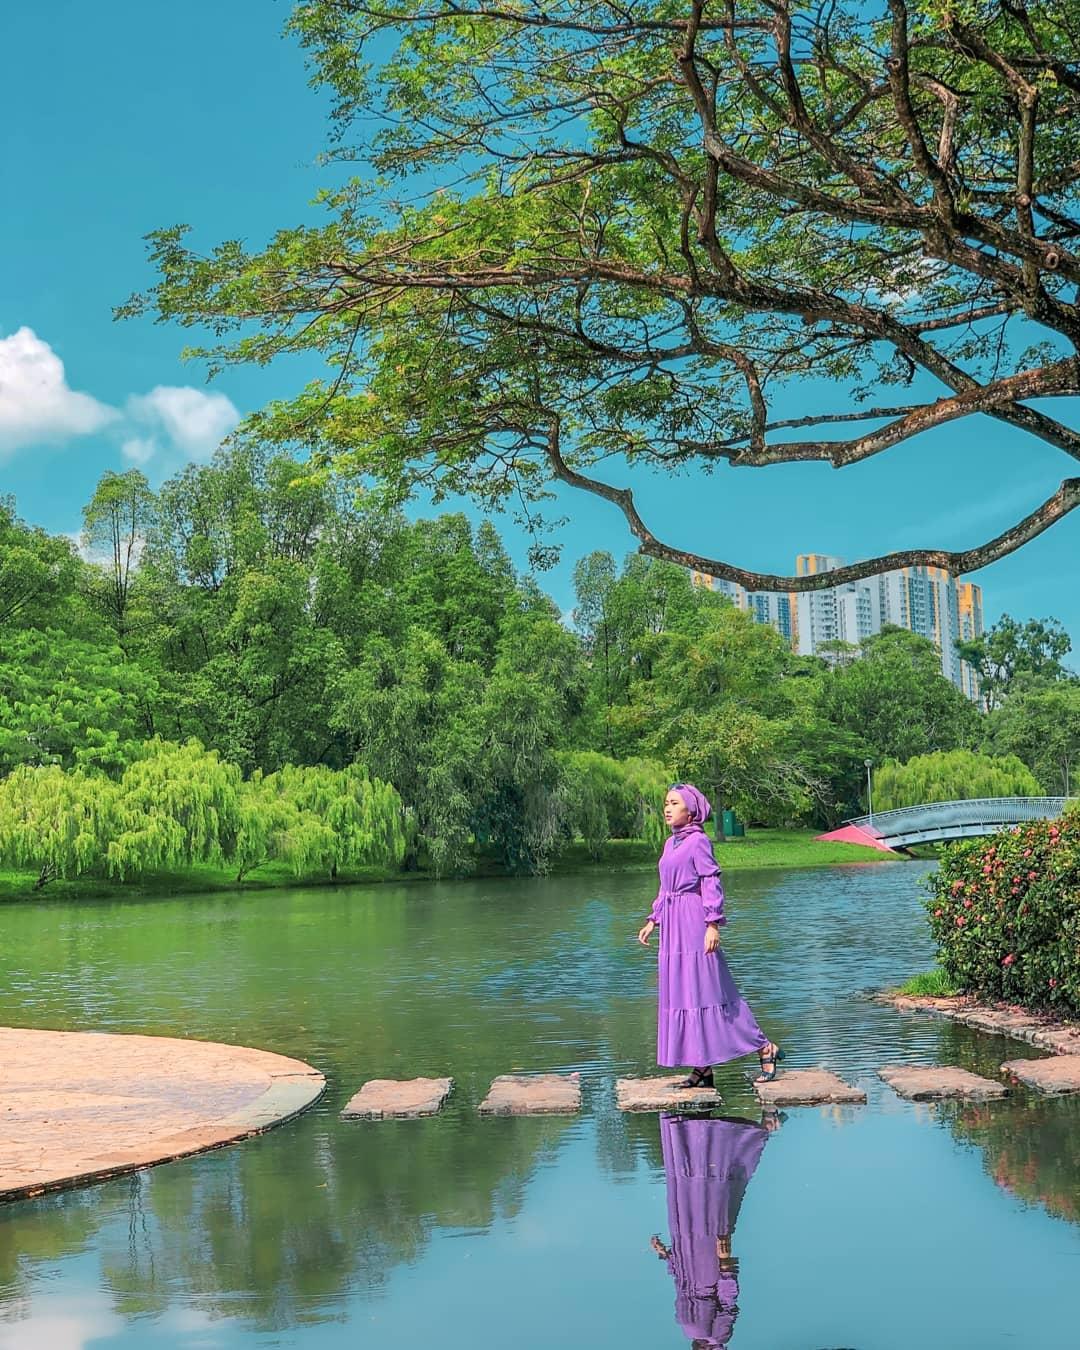 Bishan-Ang mo kio Park stepping stones